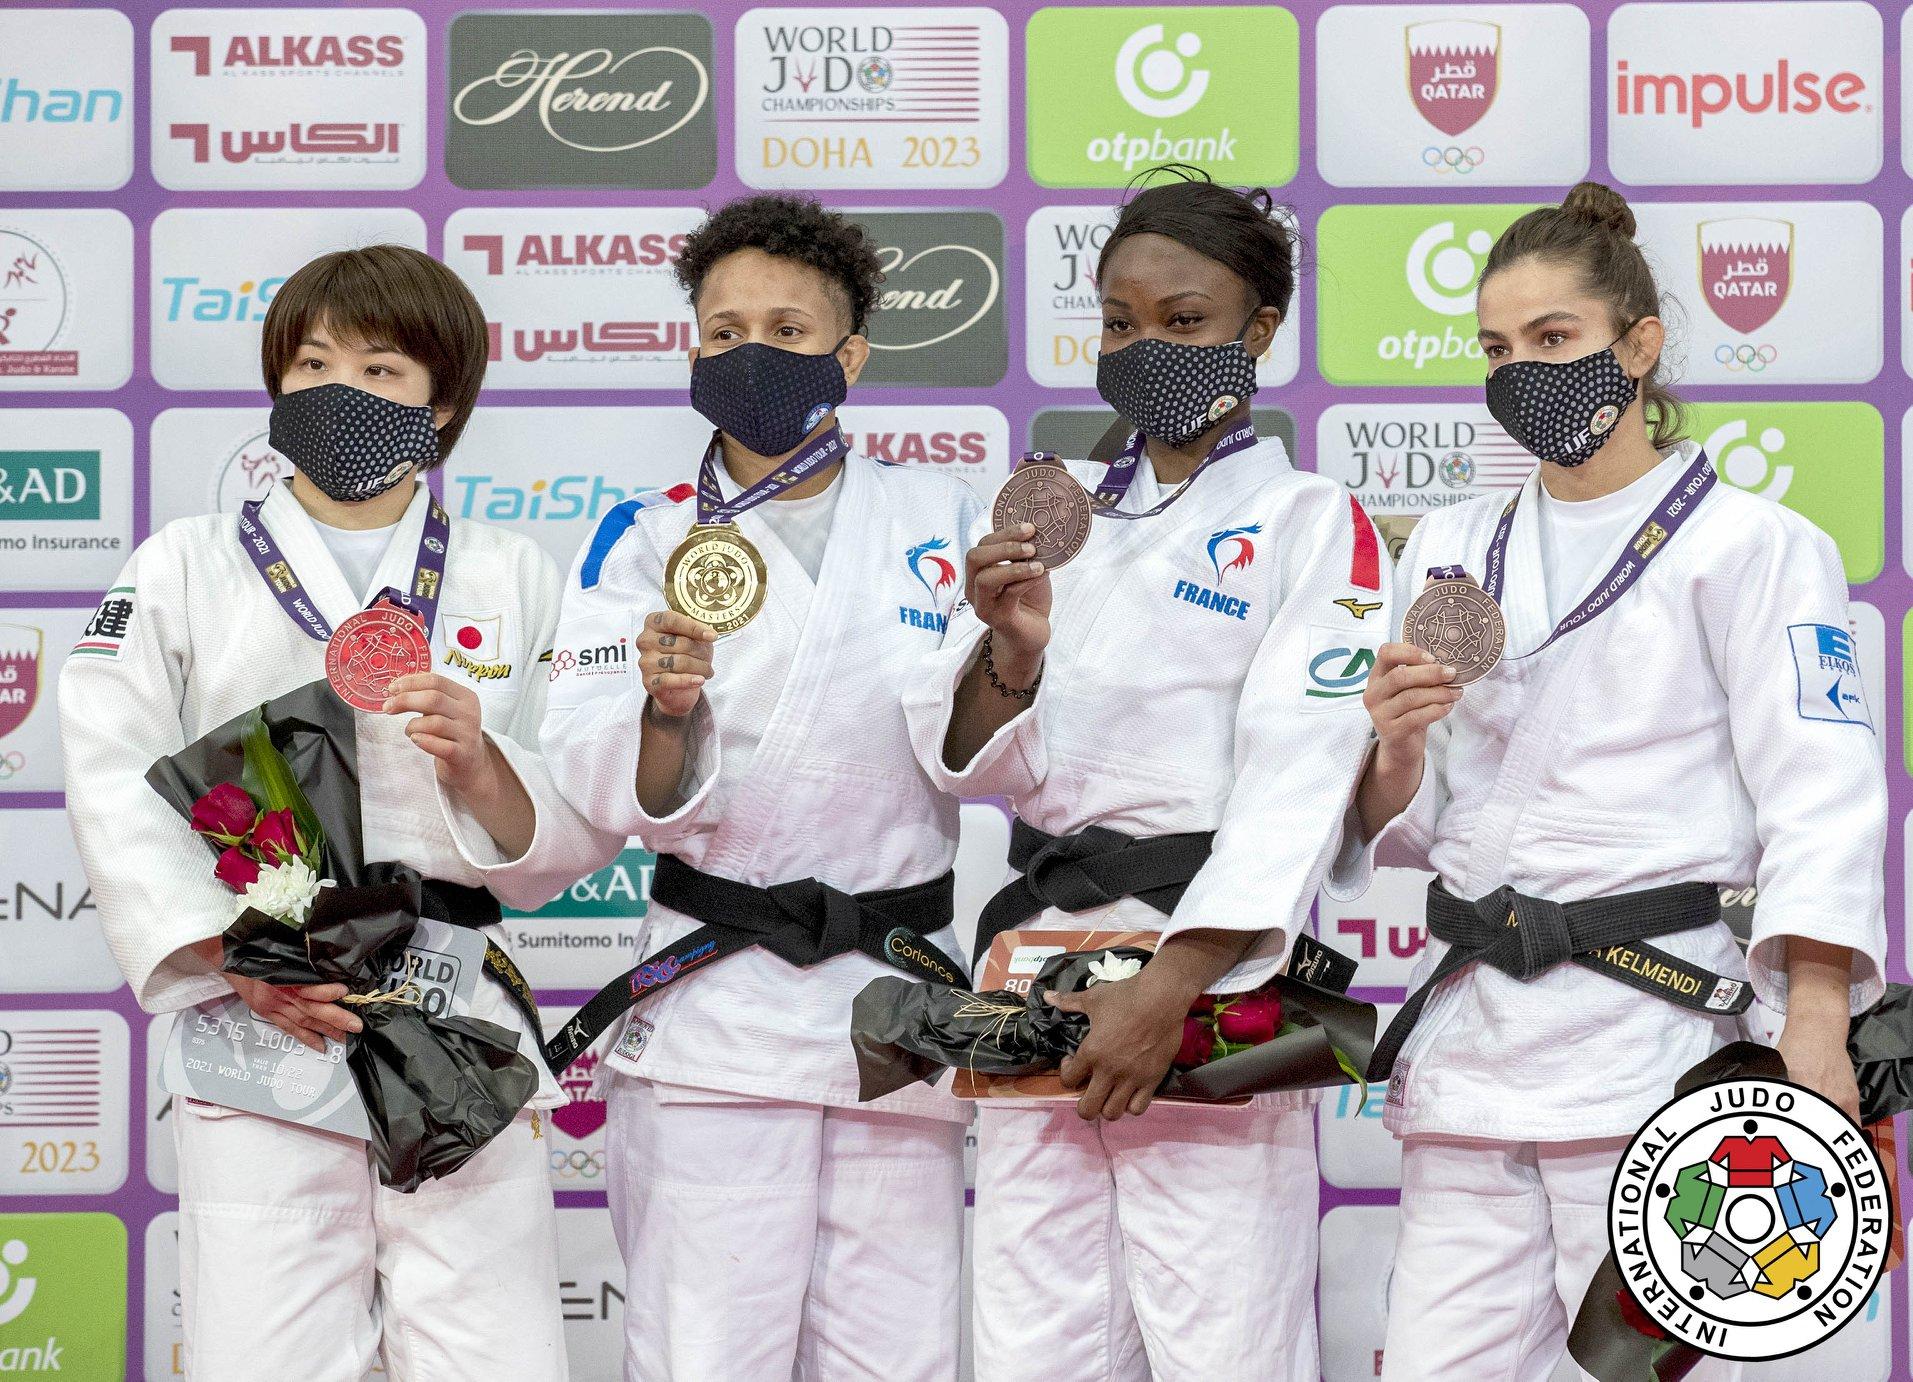 Judo: La Martiniquaise Amandine Buchard en or, la Guadeloupéenne Sarah-Léonie Cysique obtient l'argent aux Masters de Doha